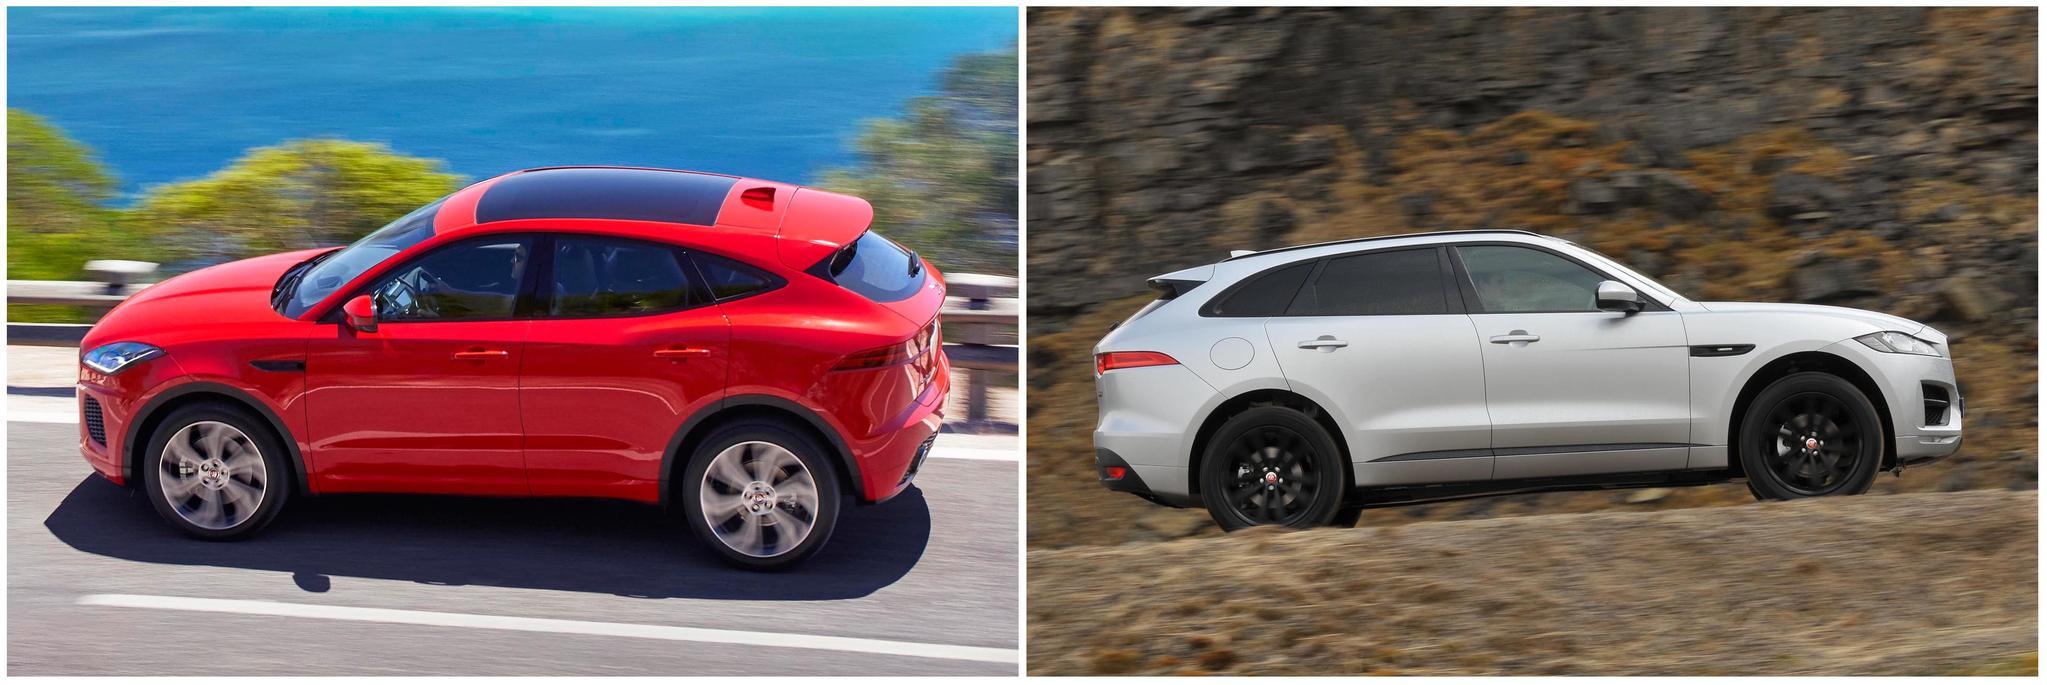 New Jaguar E-Pace vs Jaguar F-Pace